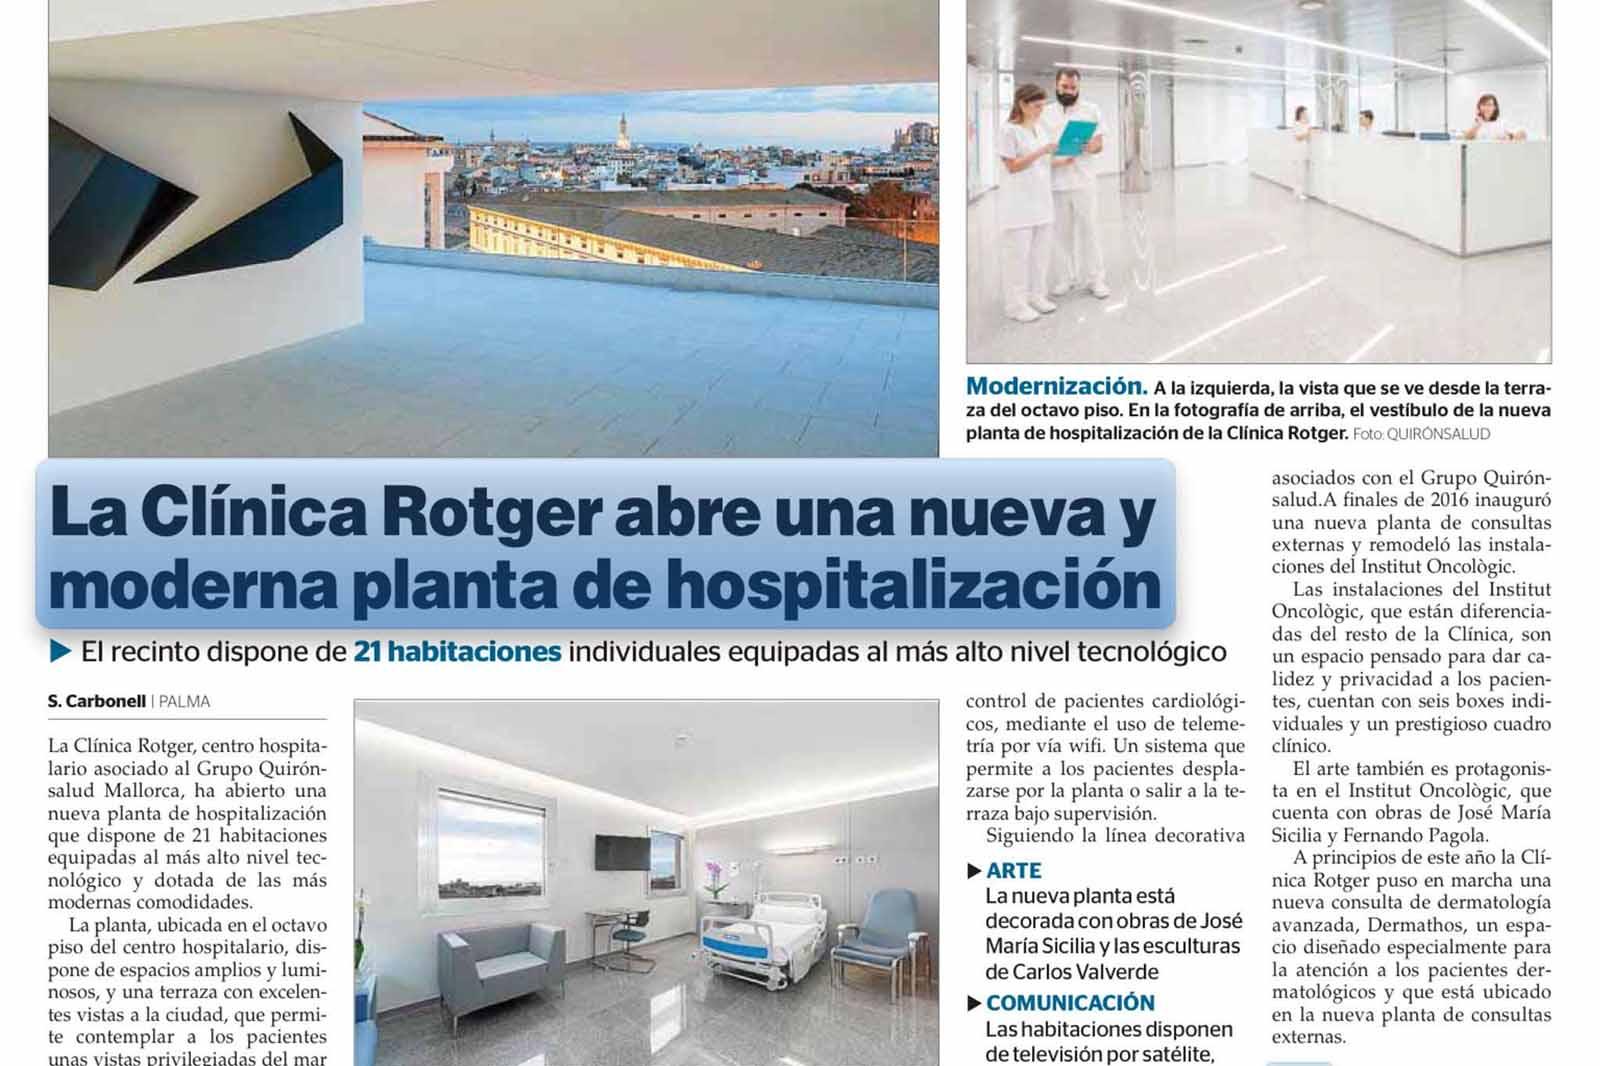 Octava Planta de Hospitalización de Clínica Rotger